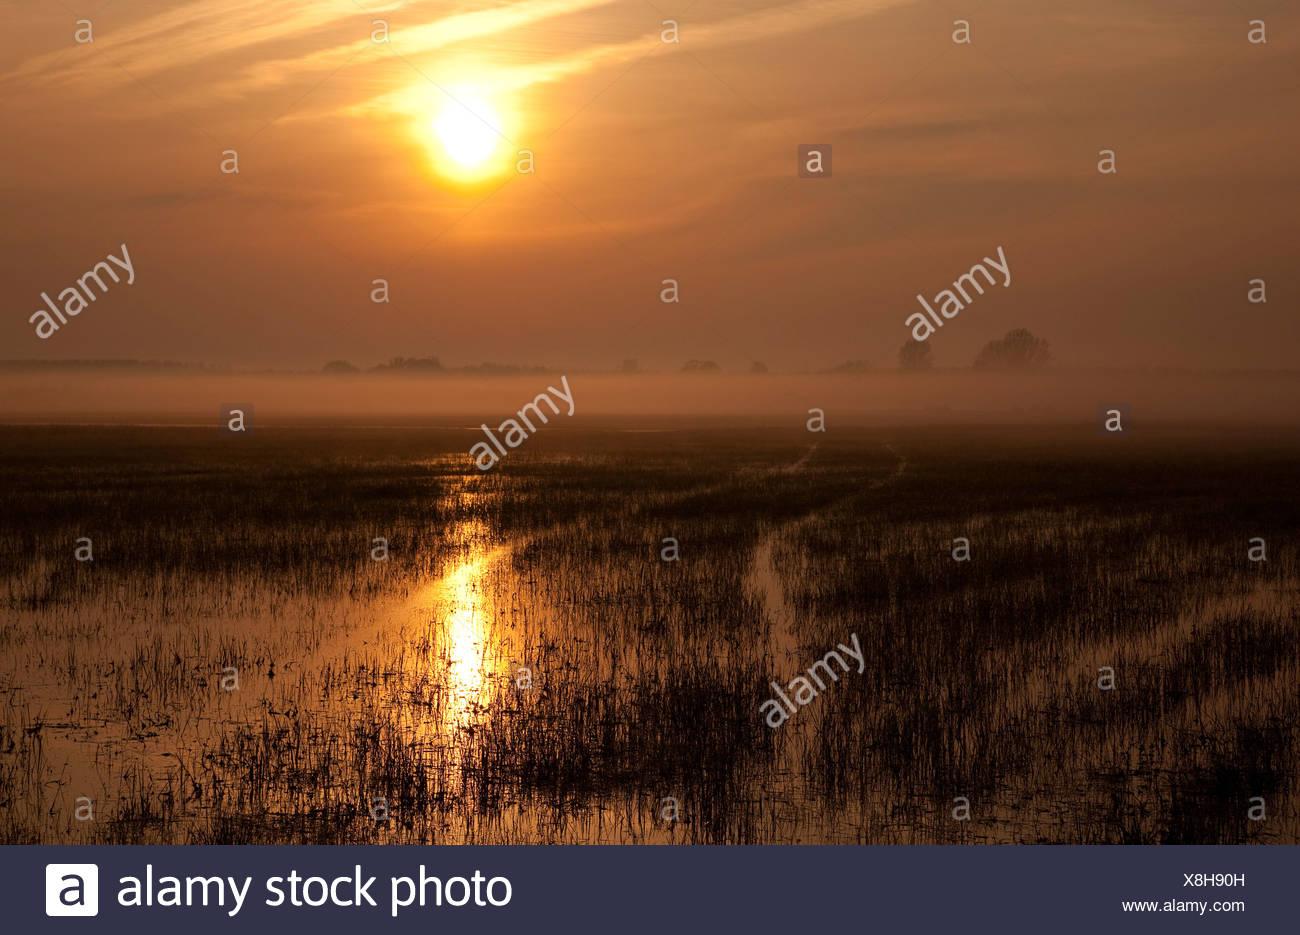 Le tracce in un campo inondato di sunrise, Neusiedlersee Nationalpark parco nazionale, Burgenland, Austria, Europa Foto Stock